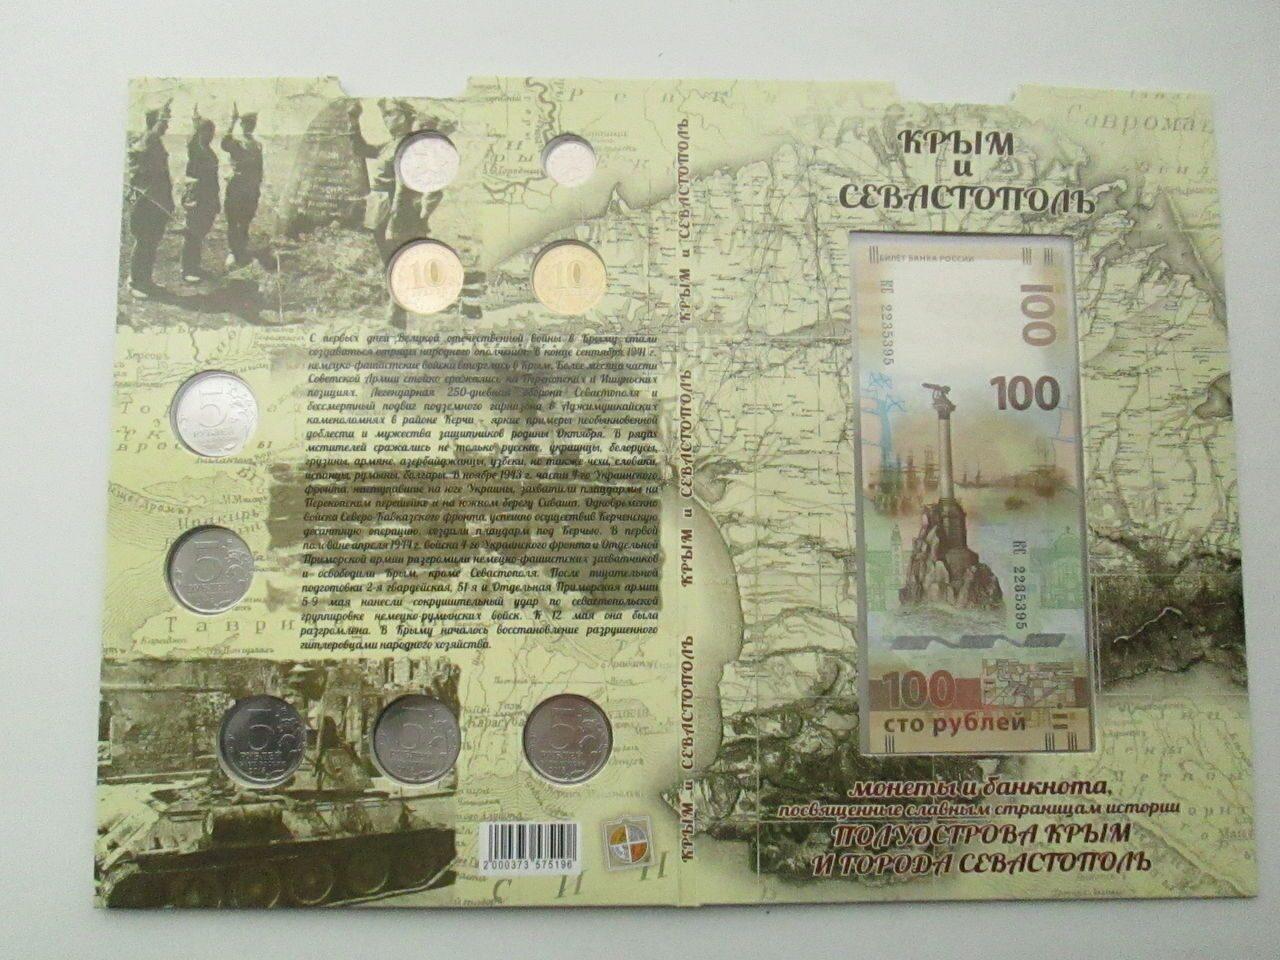 100 рублей крым куплю цена клады в лесу